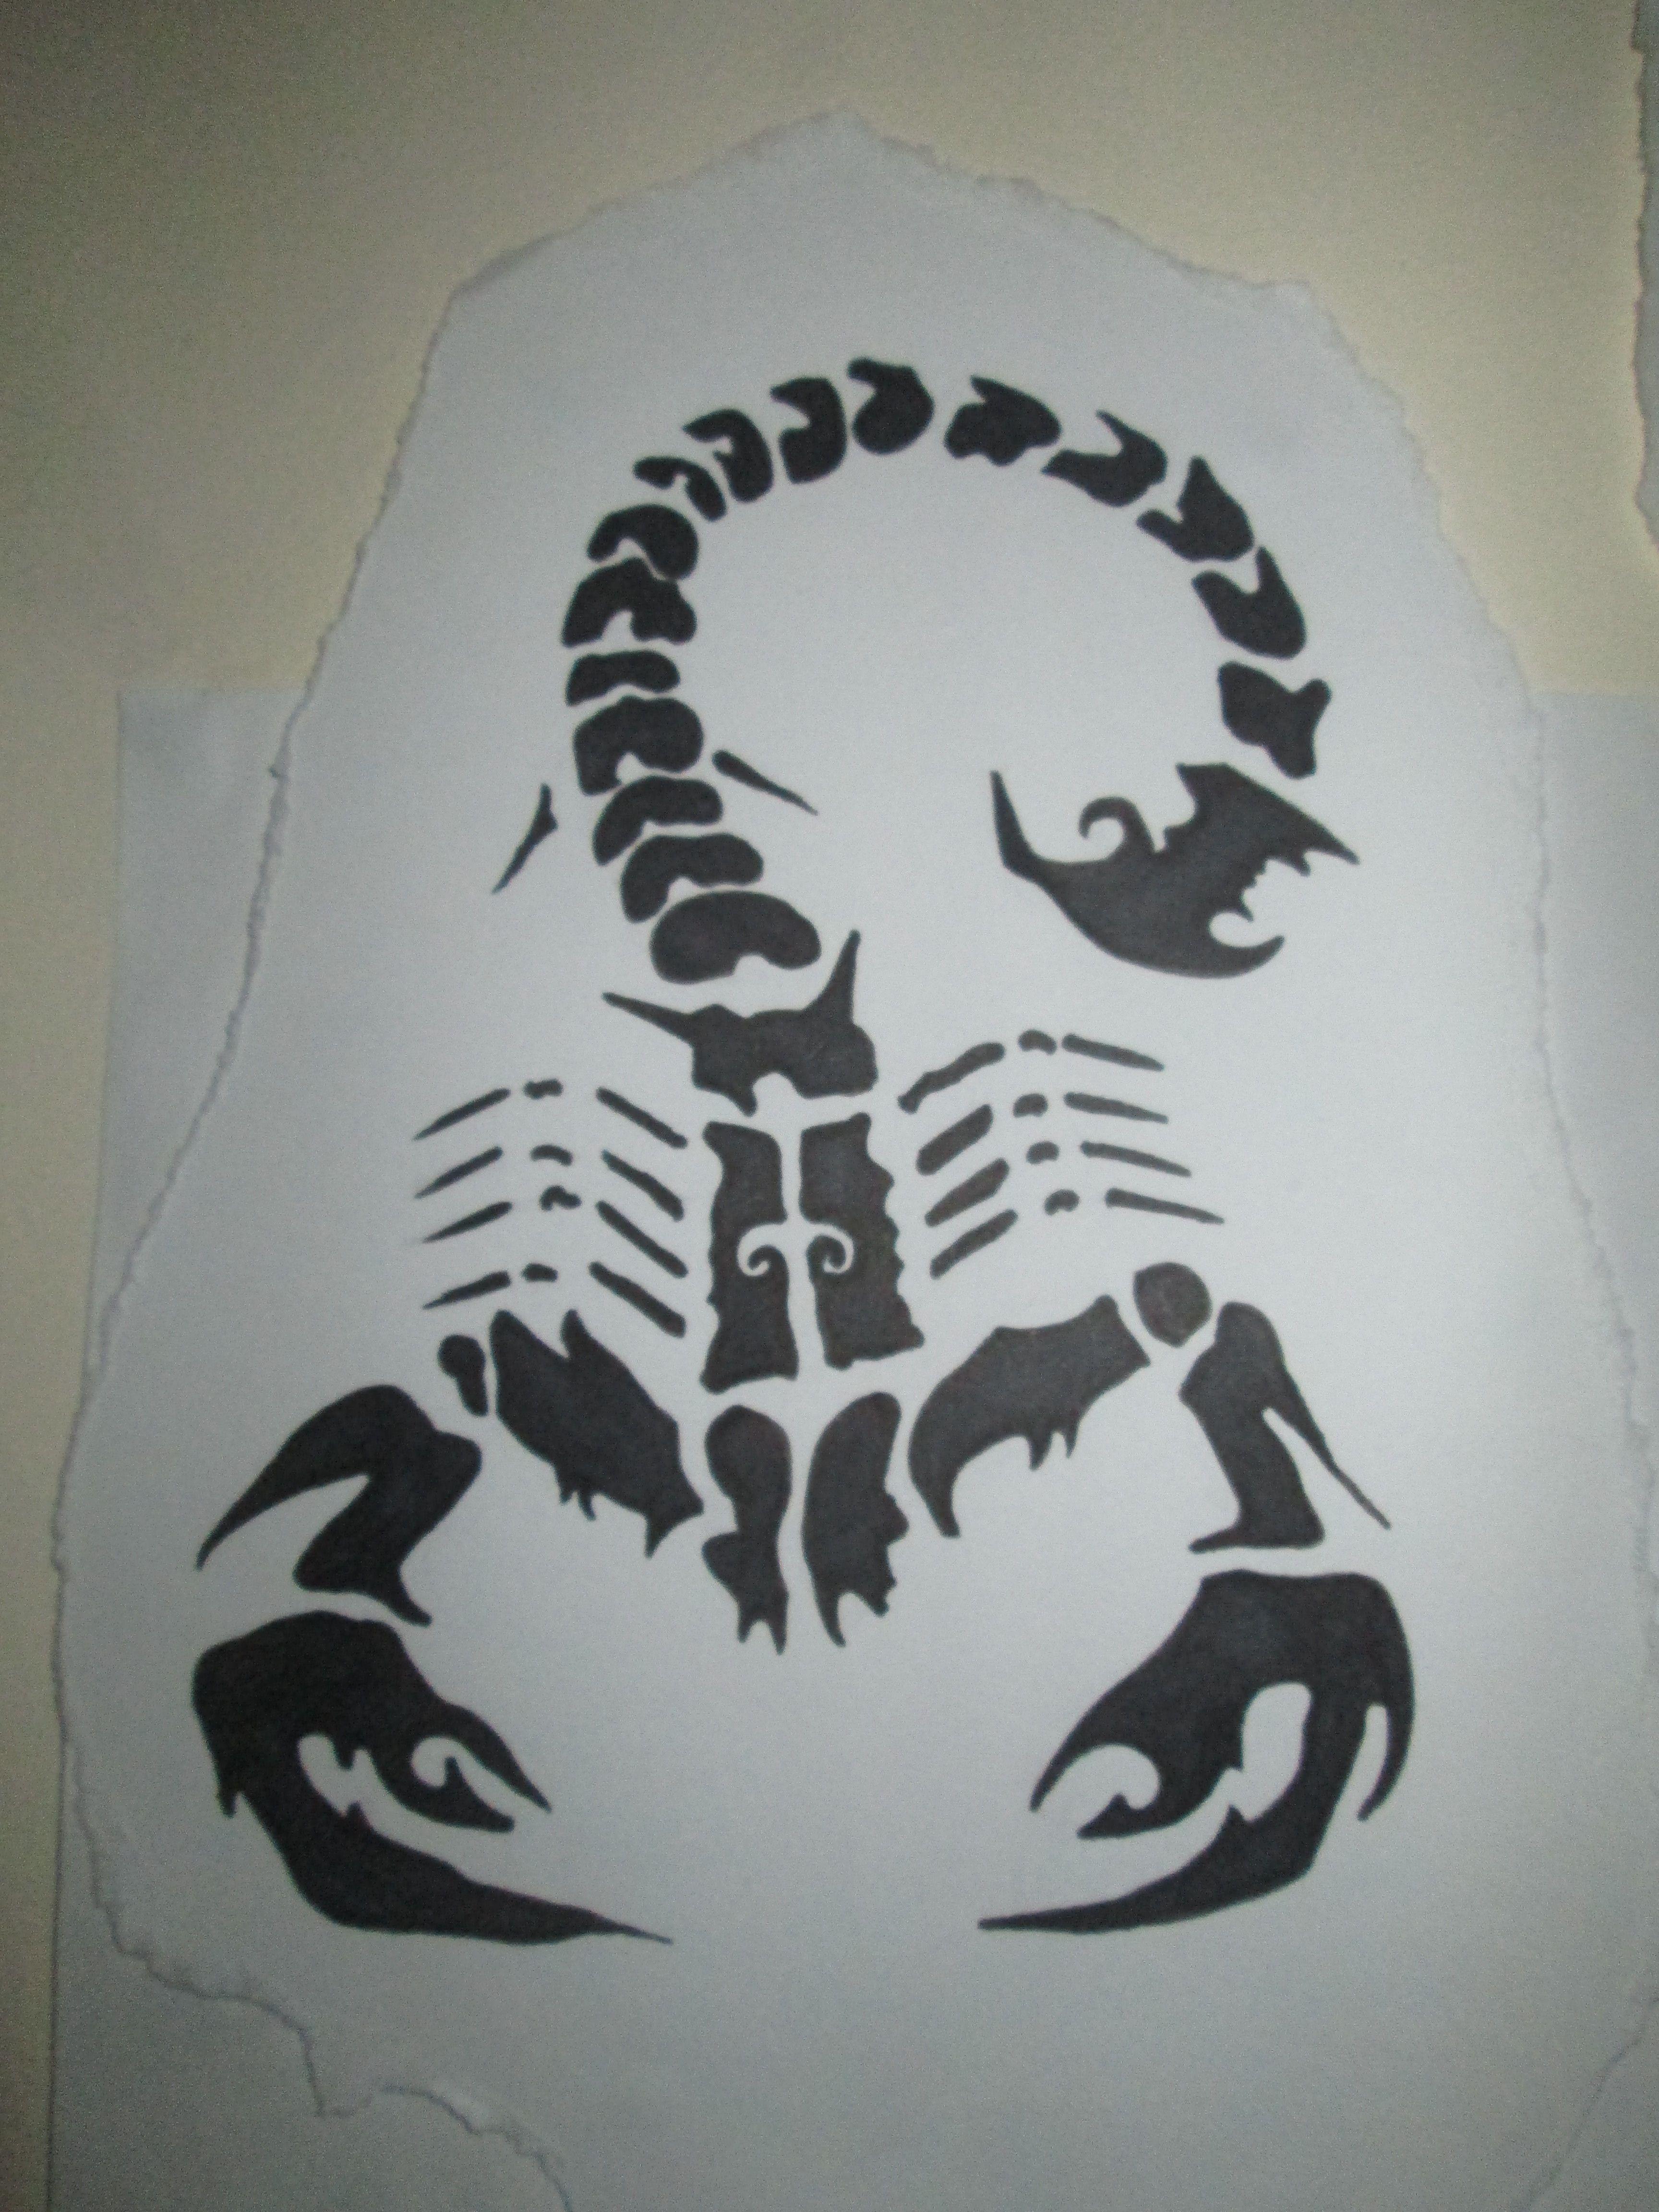 scorpion tattoo paper stencil